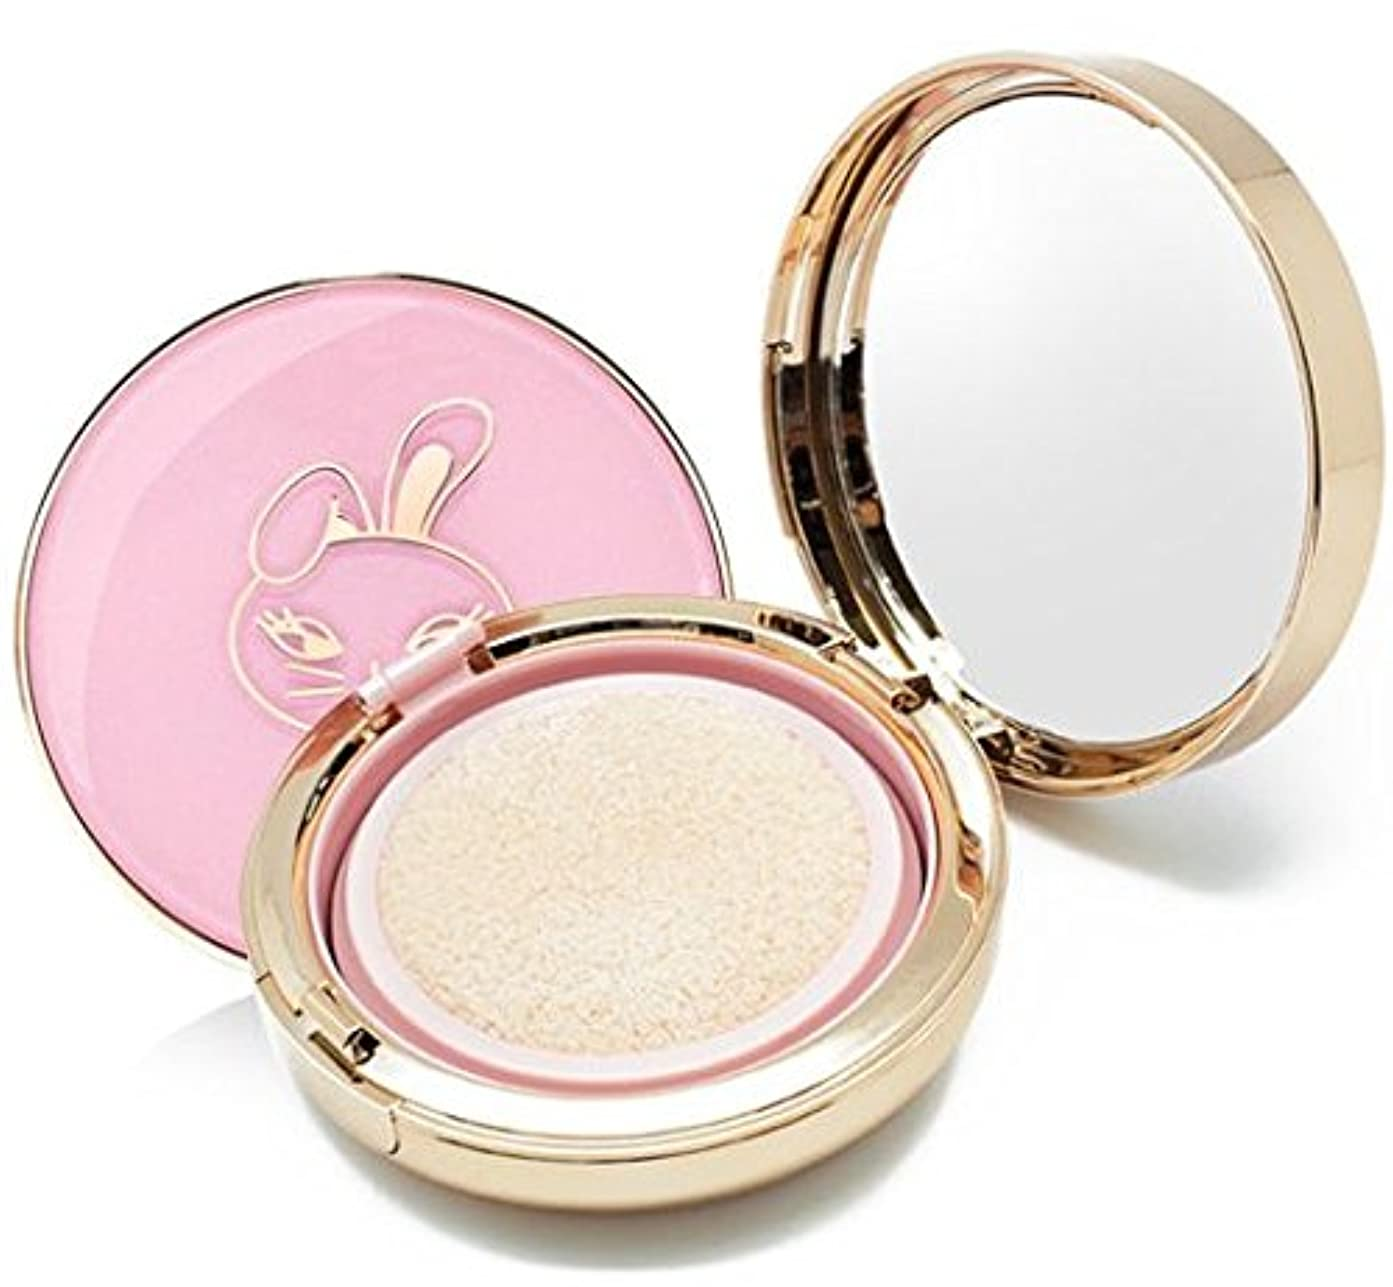 プラグお気に入り安全なKD シュシュペイント X ヴァント 36.5 キッズ サンクッション (ShuShu×VANTコラボ) UV ポンポン 子供用化粧品 女の子 プレゼント